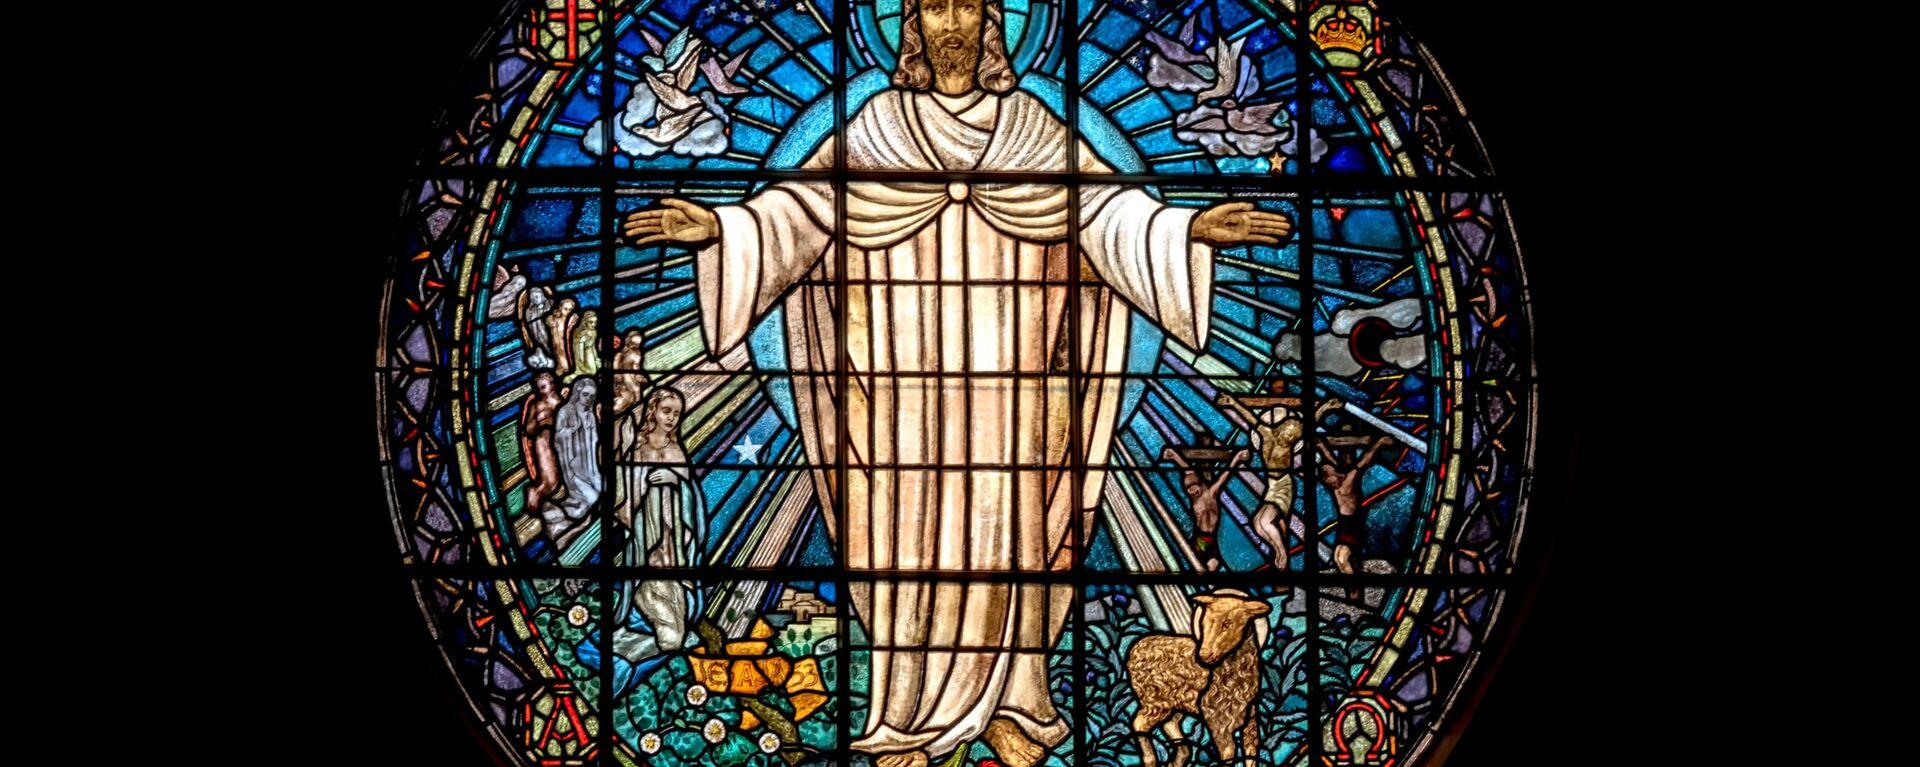 La representación de Jesús en un vitral de una iglesia - Sputnik Mundo, 1920, 23.03.2021